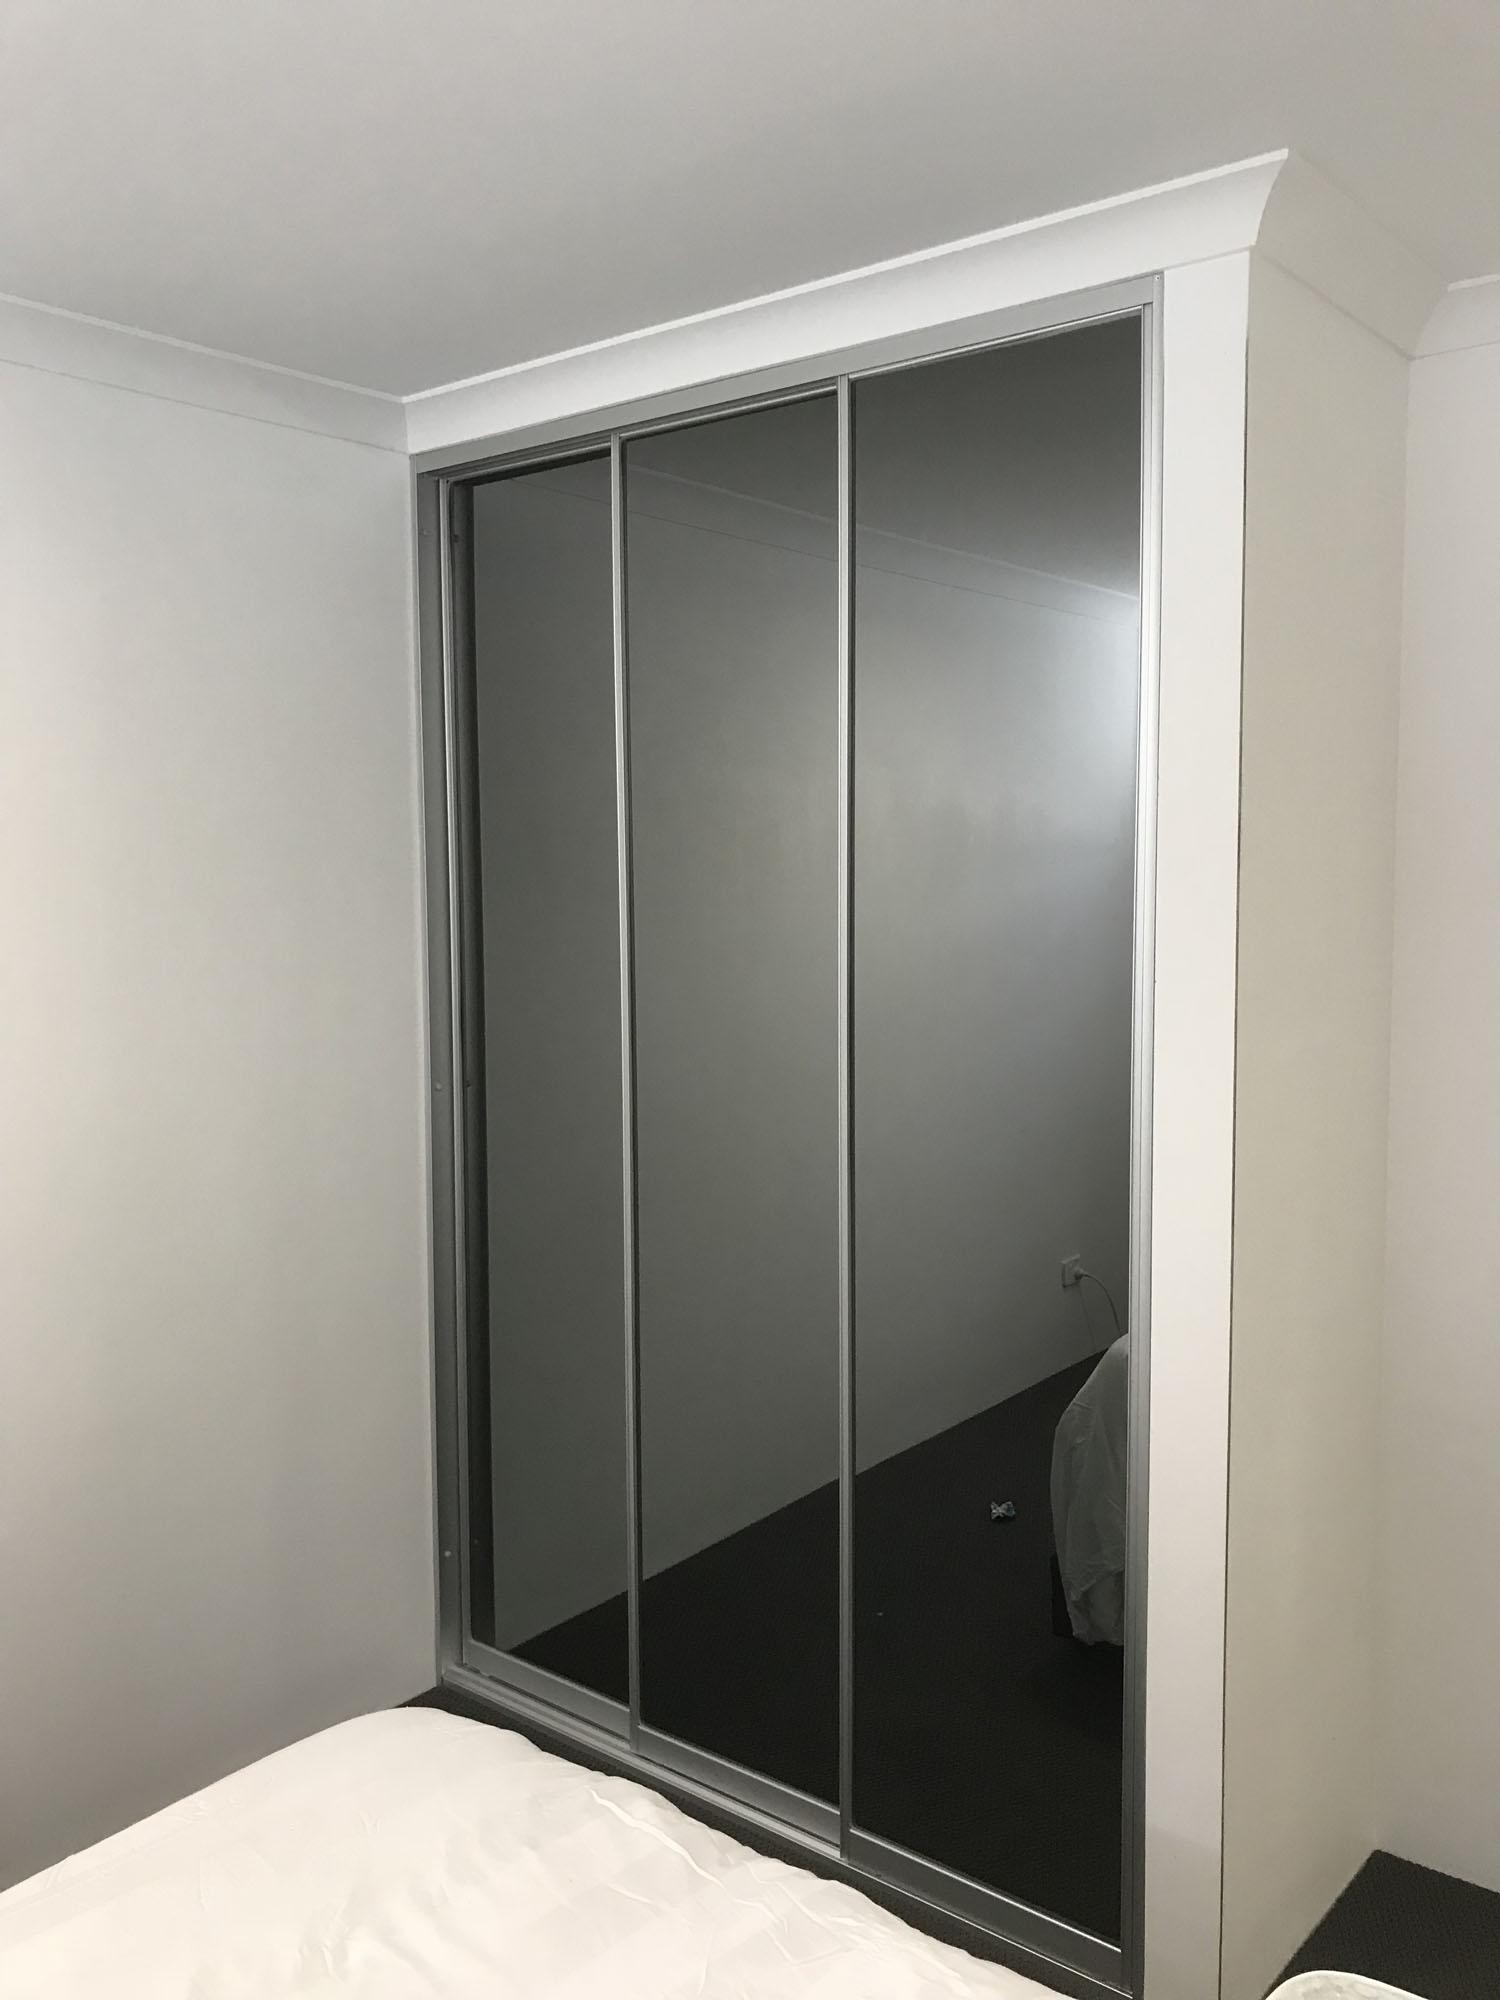 3 Door wardrobe Door unit 3 Grey mirrored Doors in Matt Natural Frame